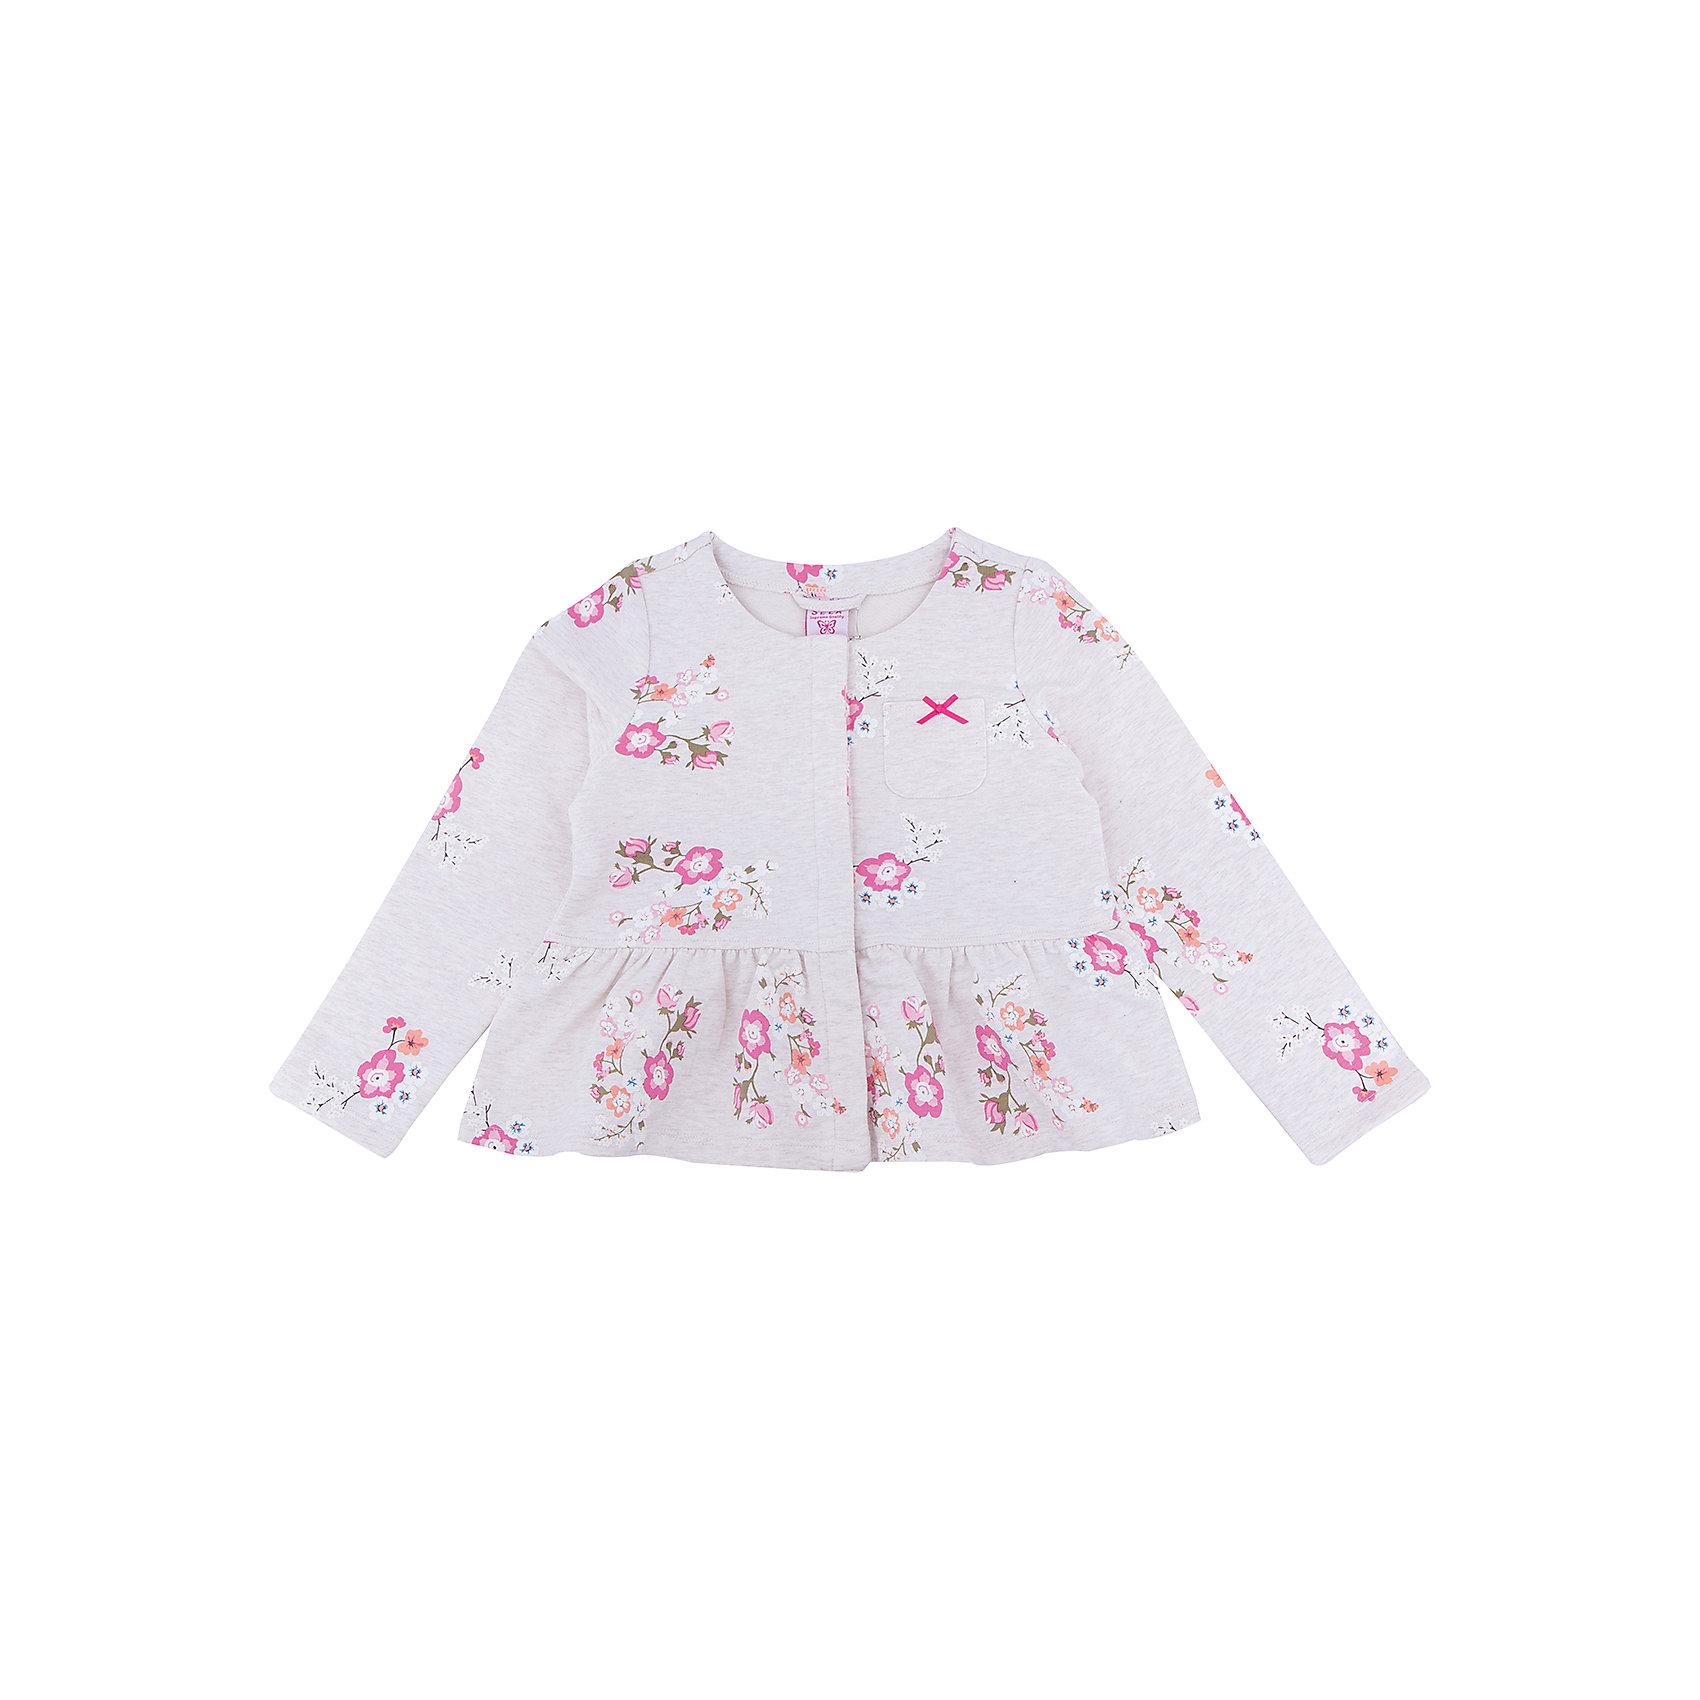 Жакет для девочки SELAВерхняя одежда<br>Жакет для девочки SELA<br><br>Характеристики:<br><br>• Цвет бежевый.<br>• Рукав длинный.<br>• Силуэт прямой.<br>• Состав: 95% хлопок, 5% эластан.<br><br><br>Симпатичный жакет для девочки от признанного лидера по созданию коллекций одежды в стиле casual - SELA. Стильный жакет из хлопкового трикотажа бежевого цвета украшен стильным цветочным принтом . Натуральный хлопок в составе изделия делает его дышащим, приятным на ощупь и гипоаллергенным. С таким жакетом можно создать много разных ансамблей - одинаково хорошо будет смотреться и нарядная юбочка и классические джинсы.<br><br>Жакет для девочки SELA, можно купить в нашем интернет - магазине.<br><br>Ширина мм: 190<br>Глубина мм: 74<br>Высота мм: 229<br>Вес г: 236<br>Цвет: бежевый<br>Возраст от месяцев: 24<br>Возраст до месяцев: 36<br>Пол: Женский<br>Возраст: Детский<br>Размер: 98,116,110,104<br>SKU: 5020192